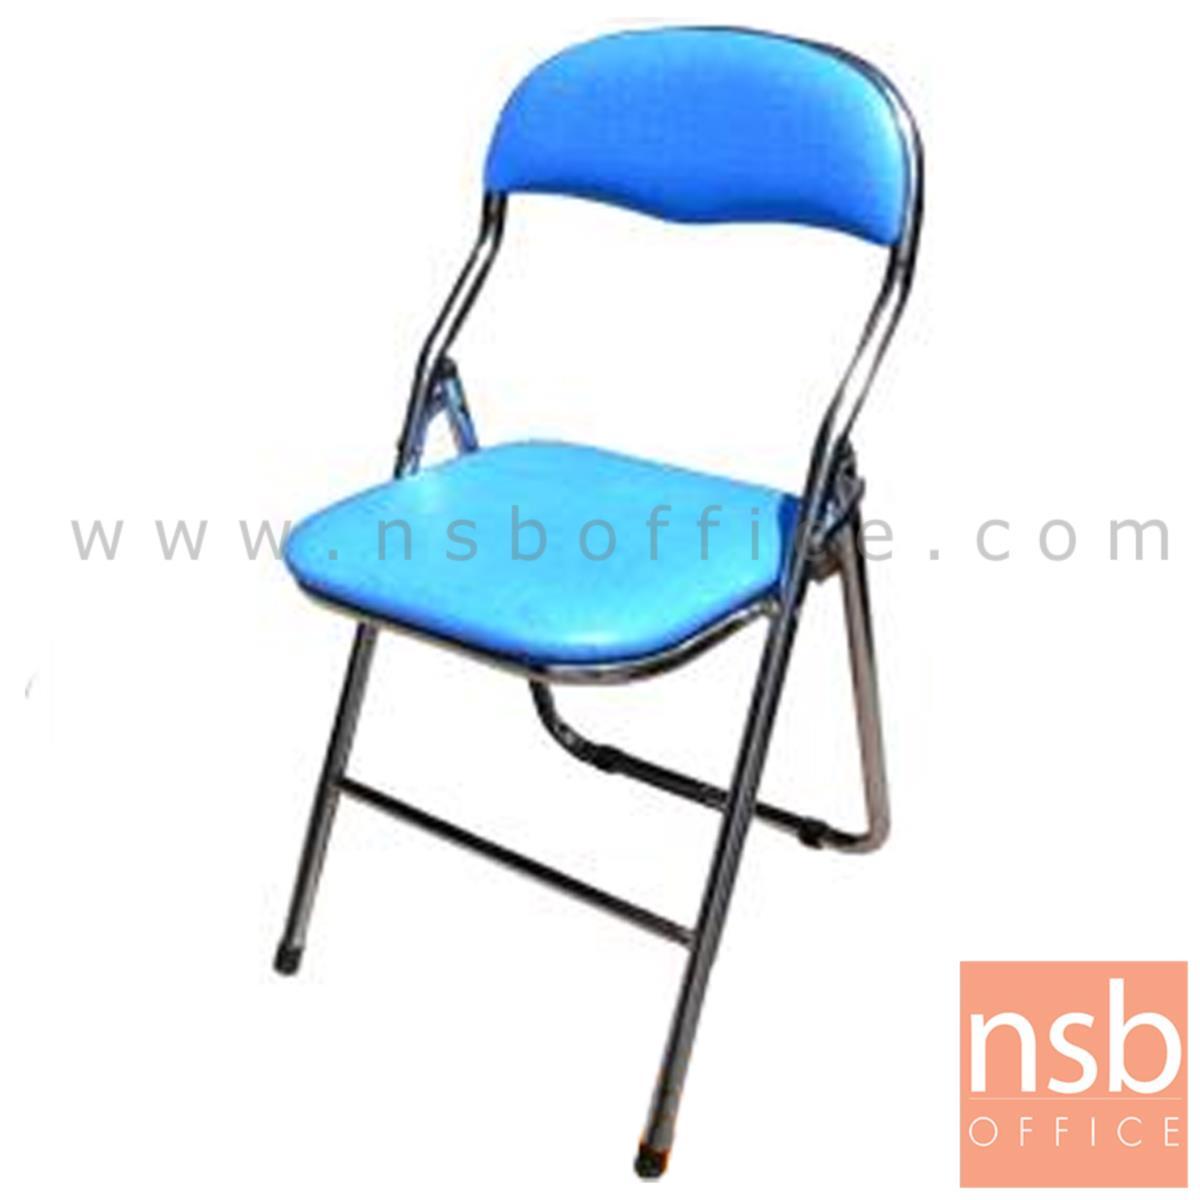 B09A114:เก้าอี้พับที่นั่งหุ้มเบาะหนัง รุ่น BRANDY ขาเหล็กชุบโครเมี่ยม